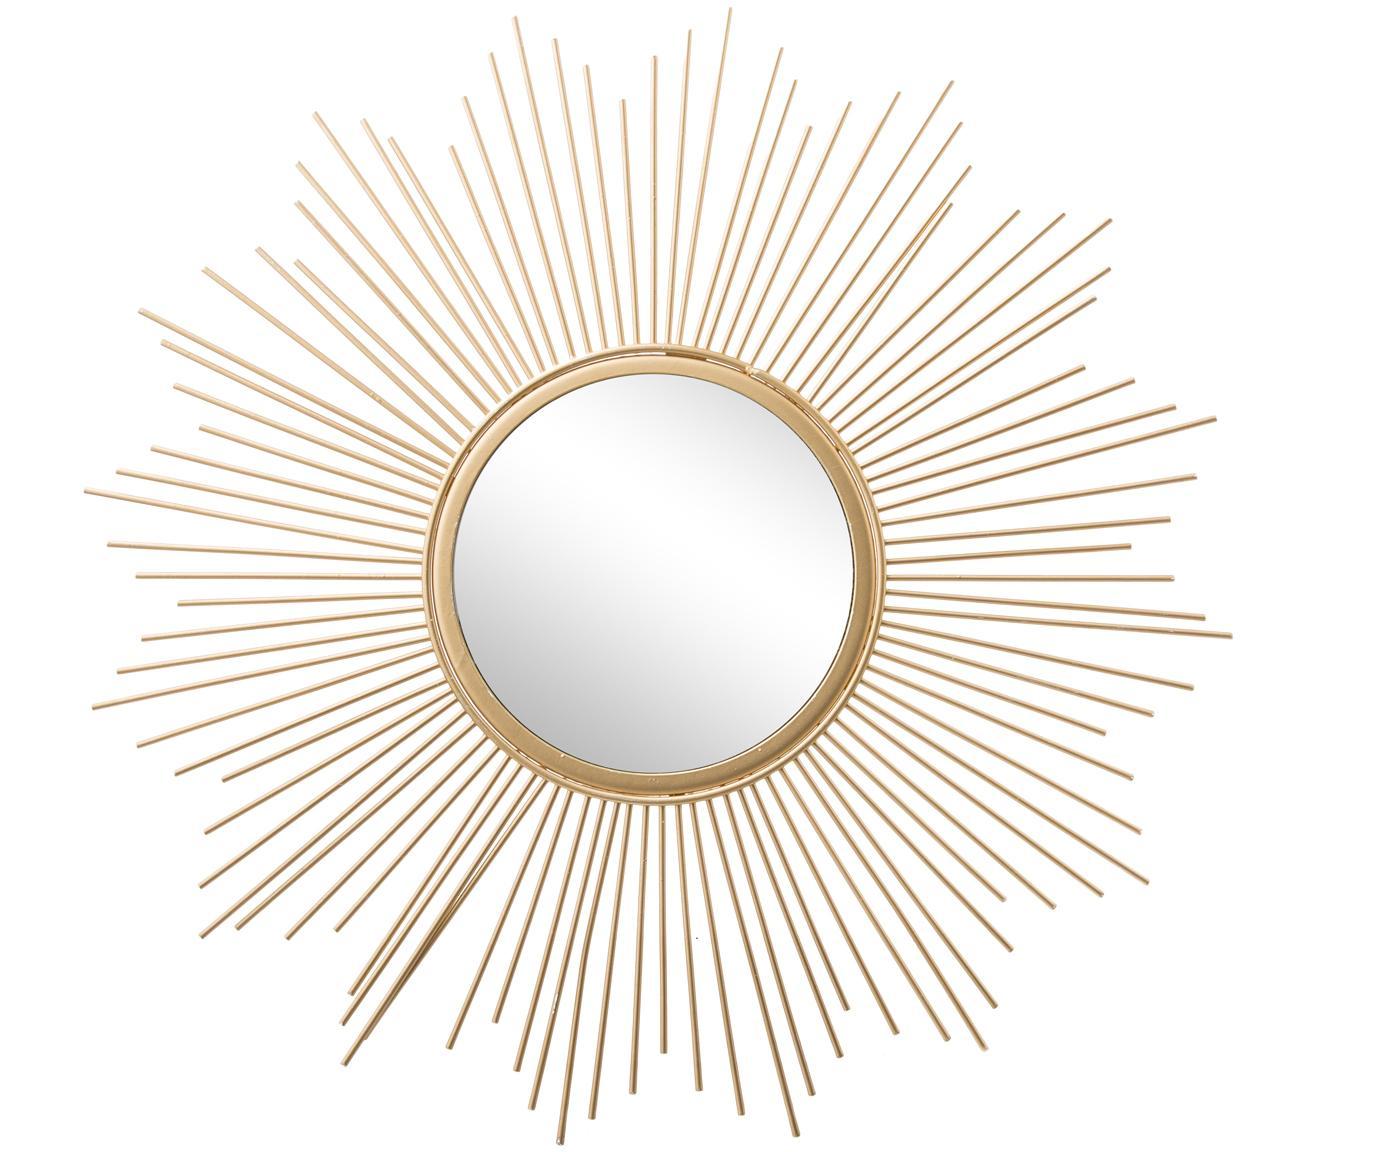 Sonnenspiegel Brooklyn in Gold, Rahmen: Metall, Spiegelfläche: Spiegelglas, Rahmen: GoldfarbenSpiegelfläche: Spiegelglas, Ø 50 cm